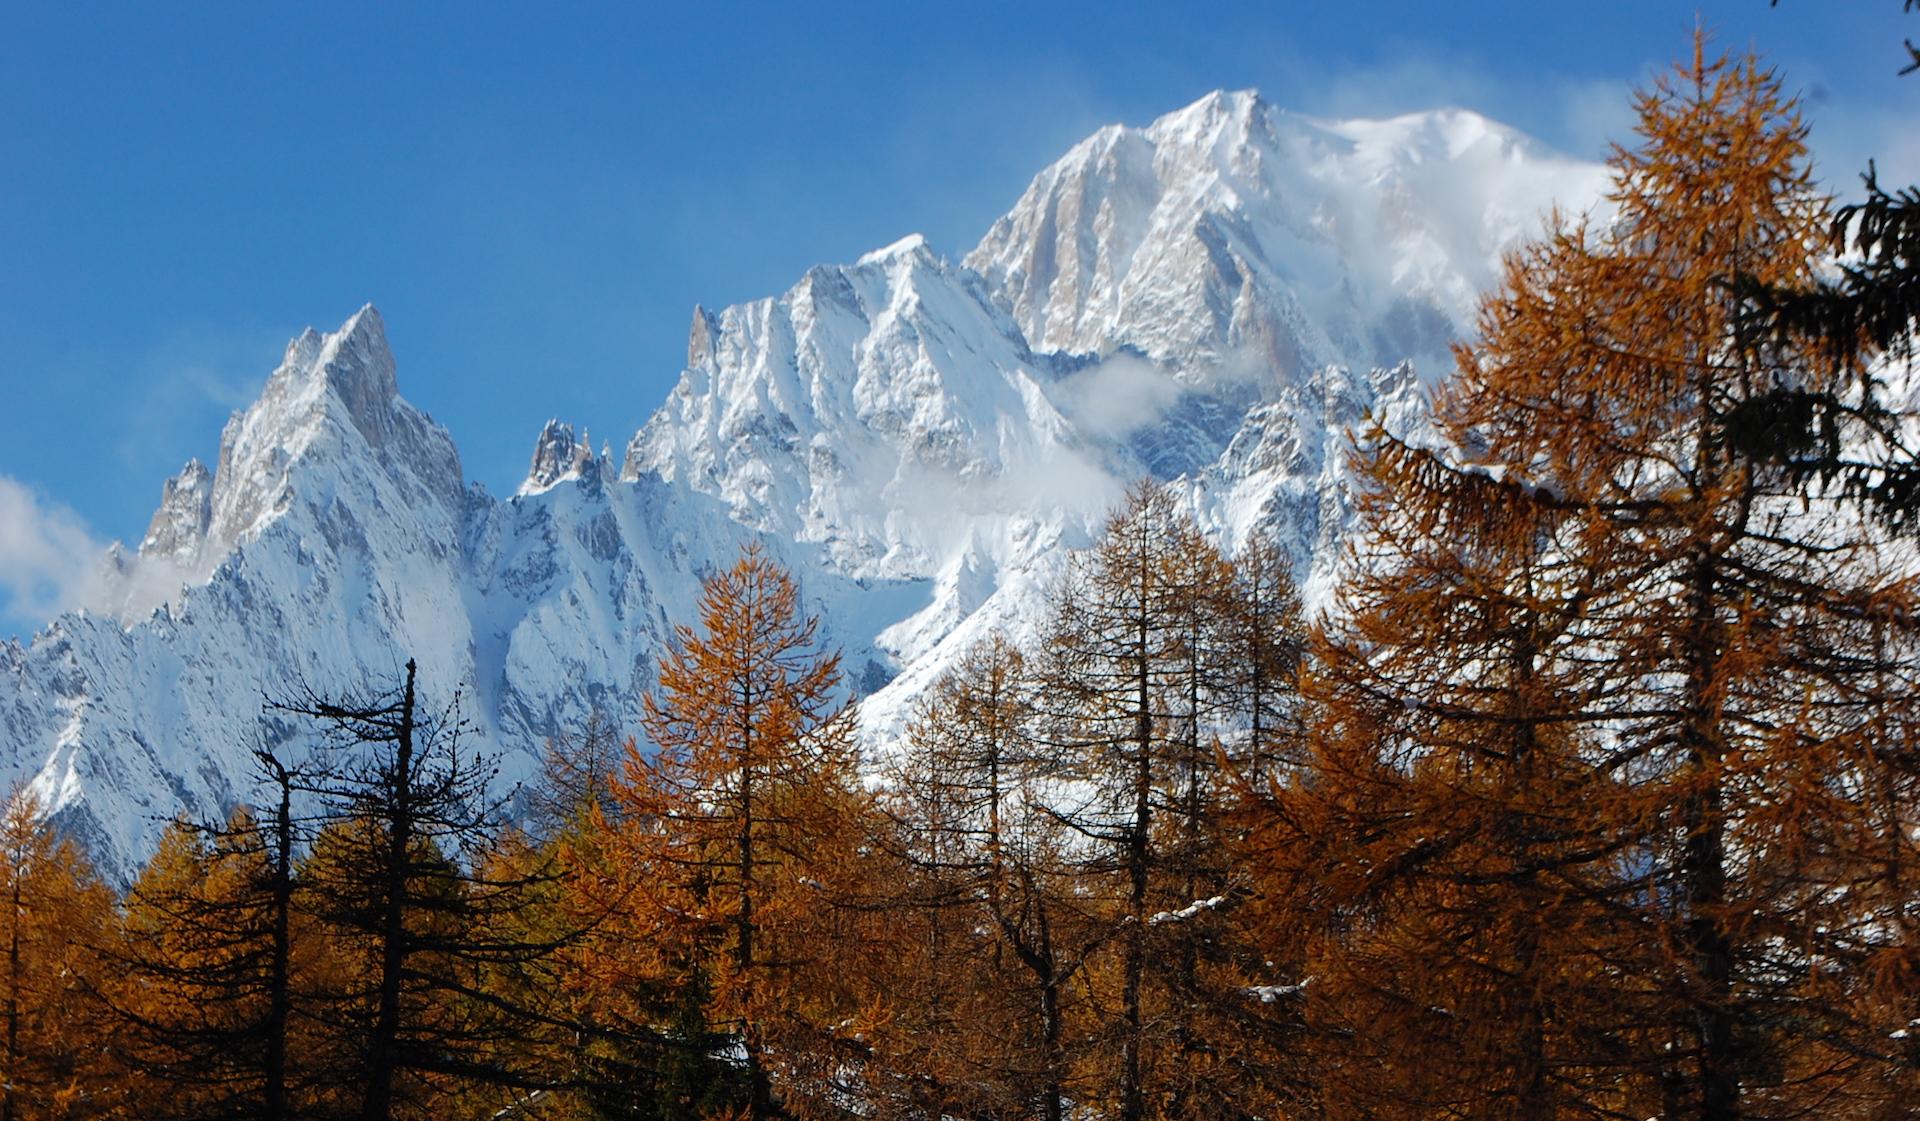 Alps and Trekking